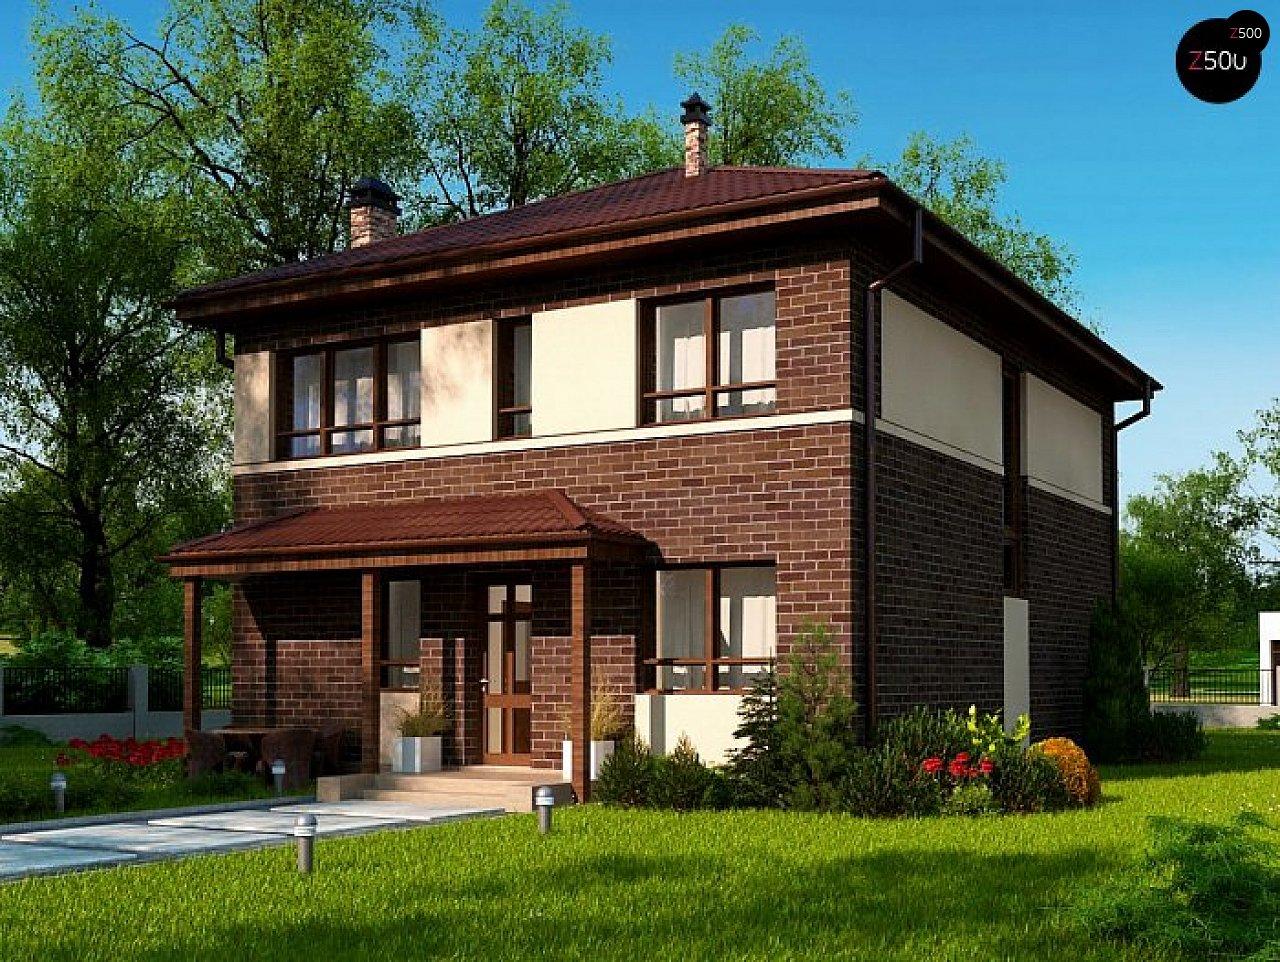 Версия двухэтажного дома Zx24a с измененной планировкой - фото 1